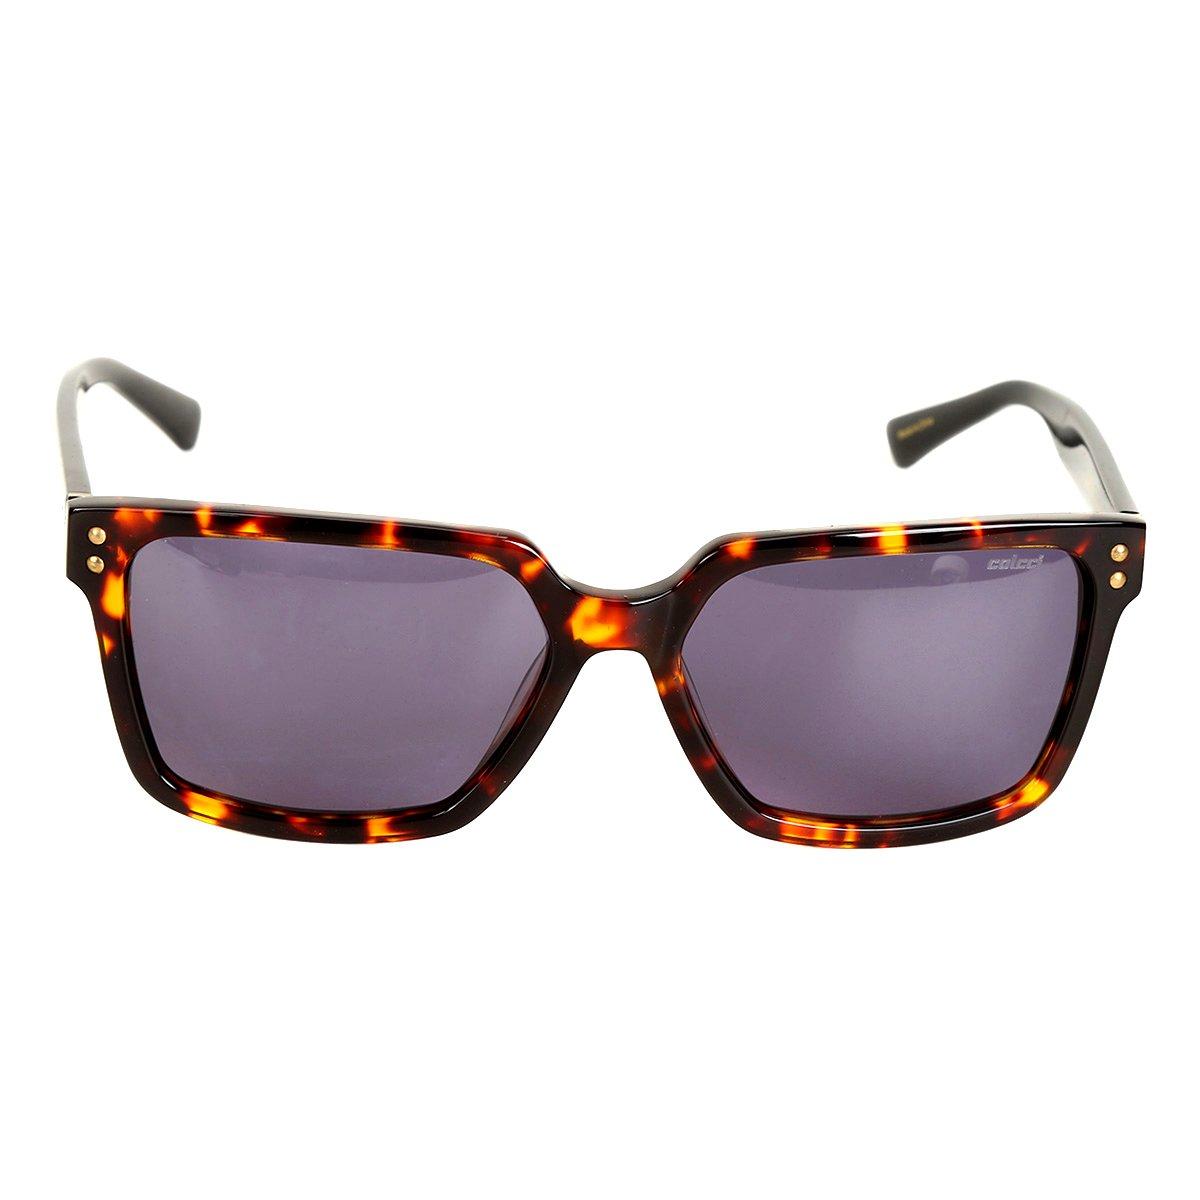 5dee2138121bf Óculos de Sol Colcci Demi Masculino - Compre Agora   Netshoes